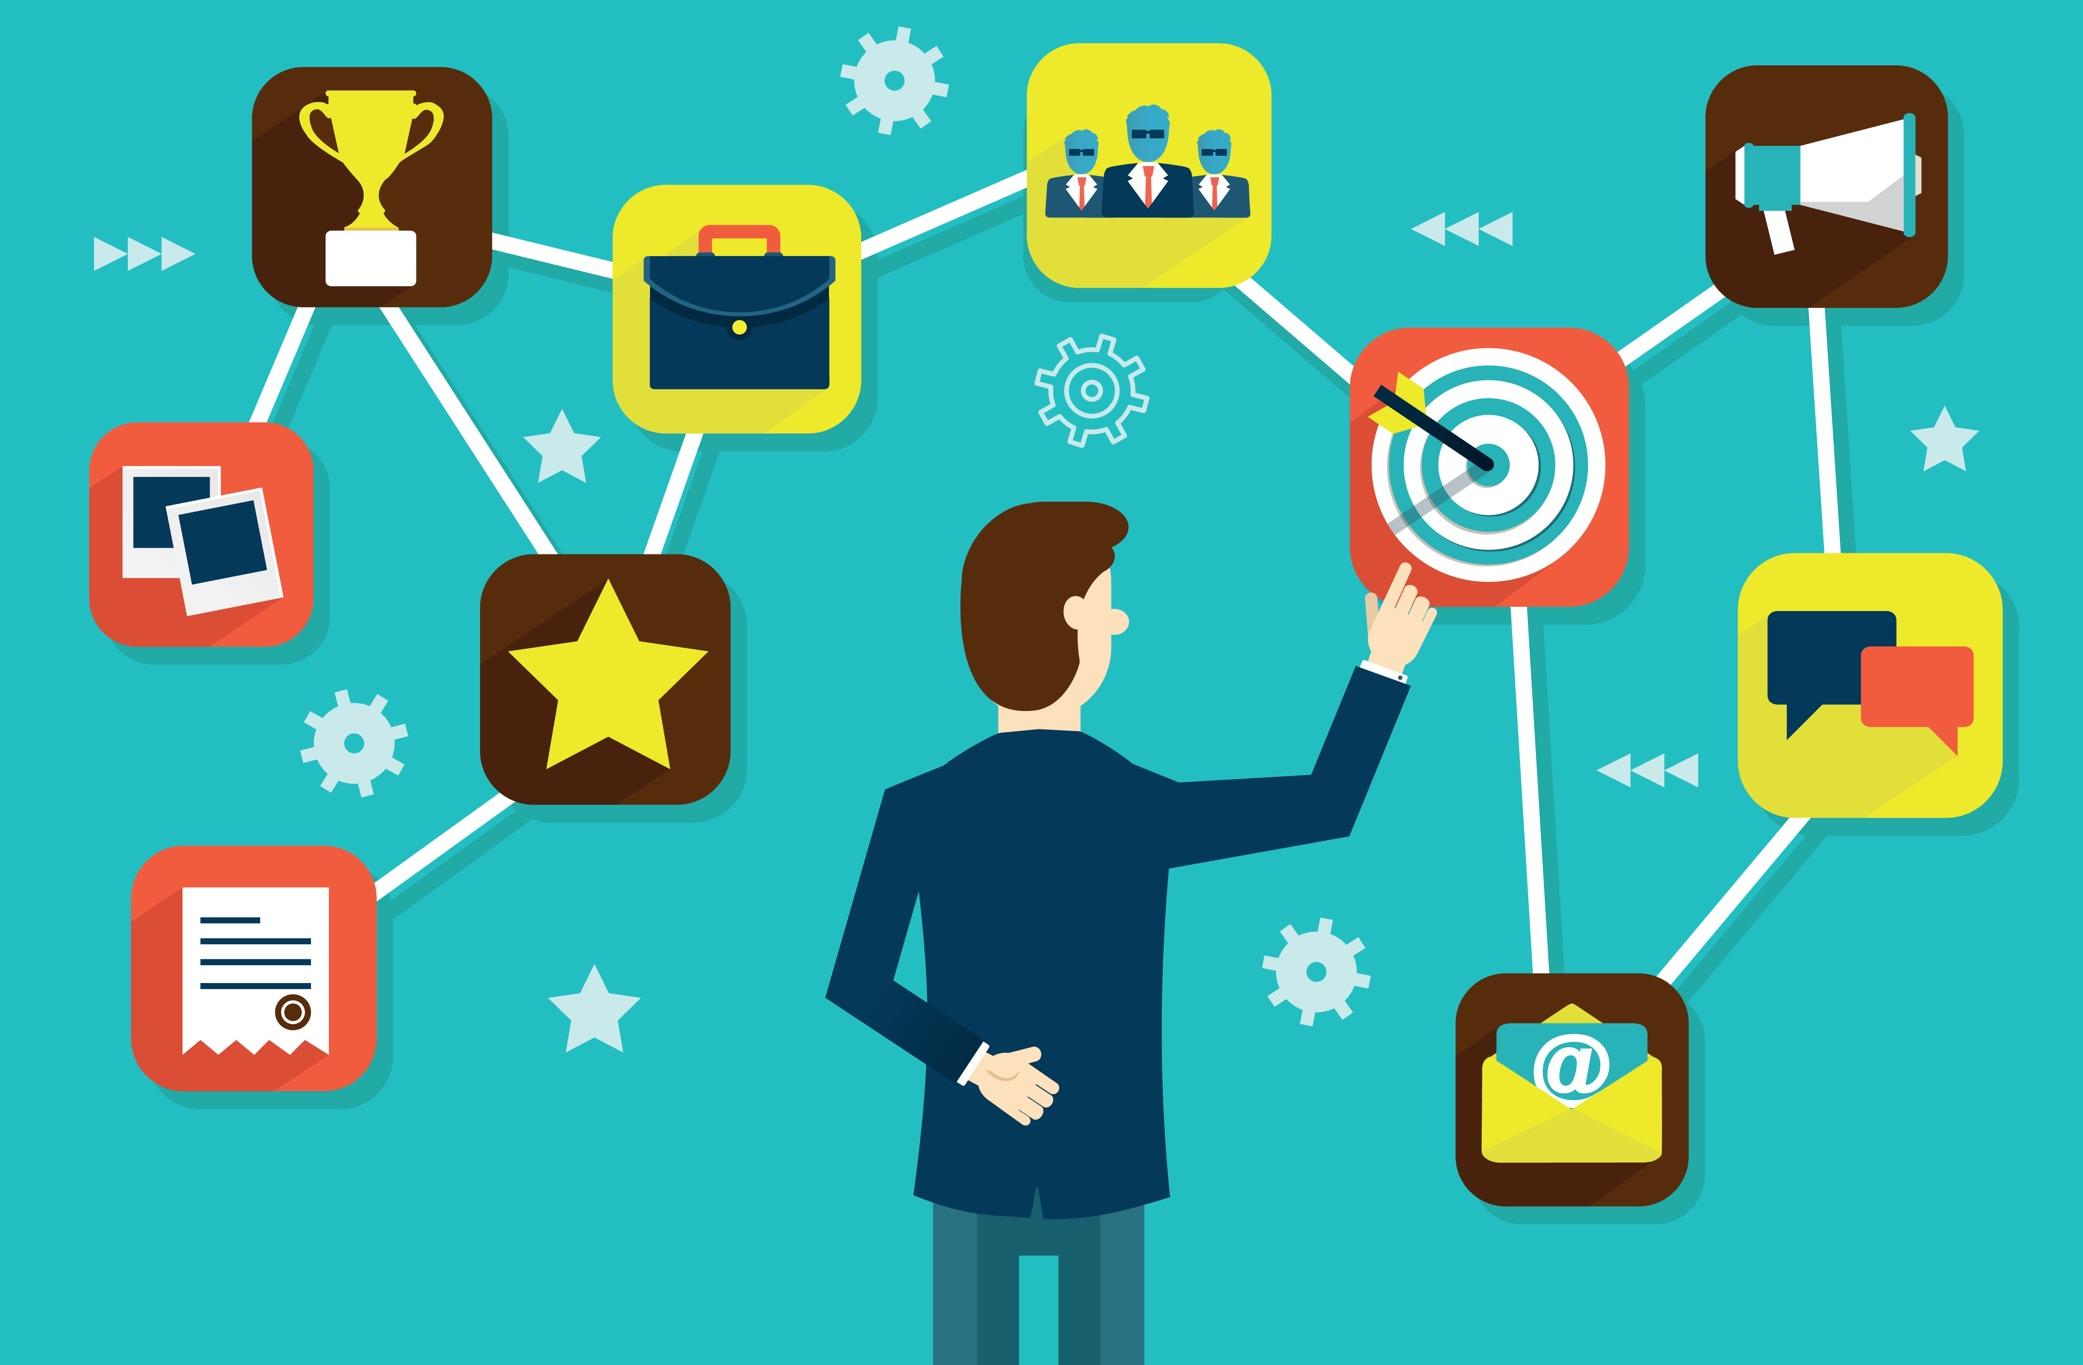 Les outils CRM pour l'intégration ventes marketing